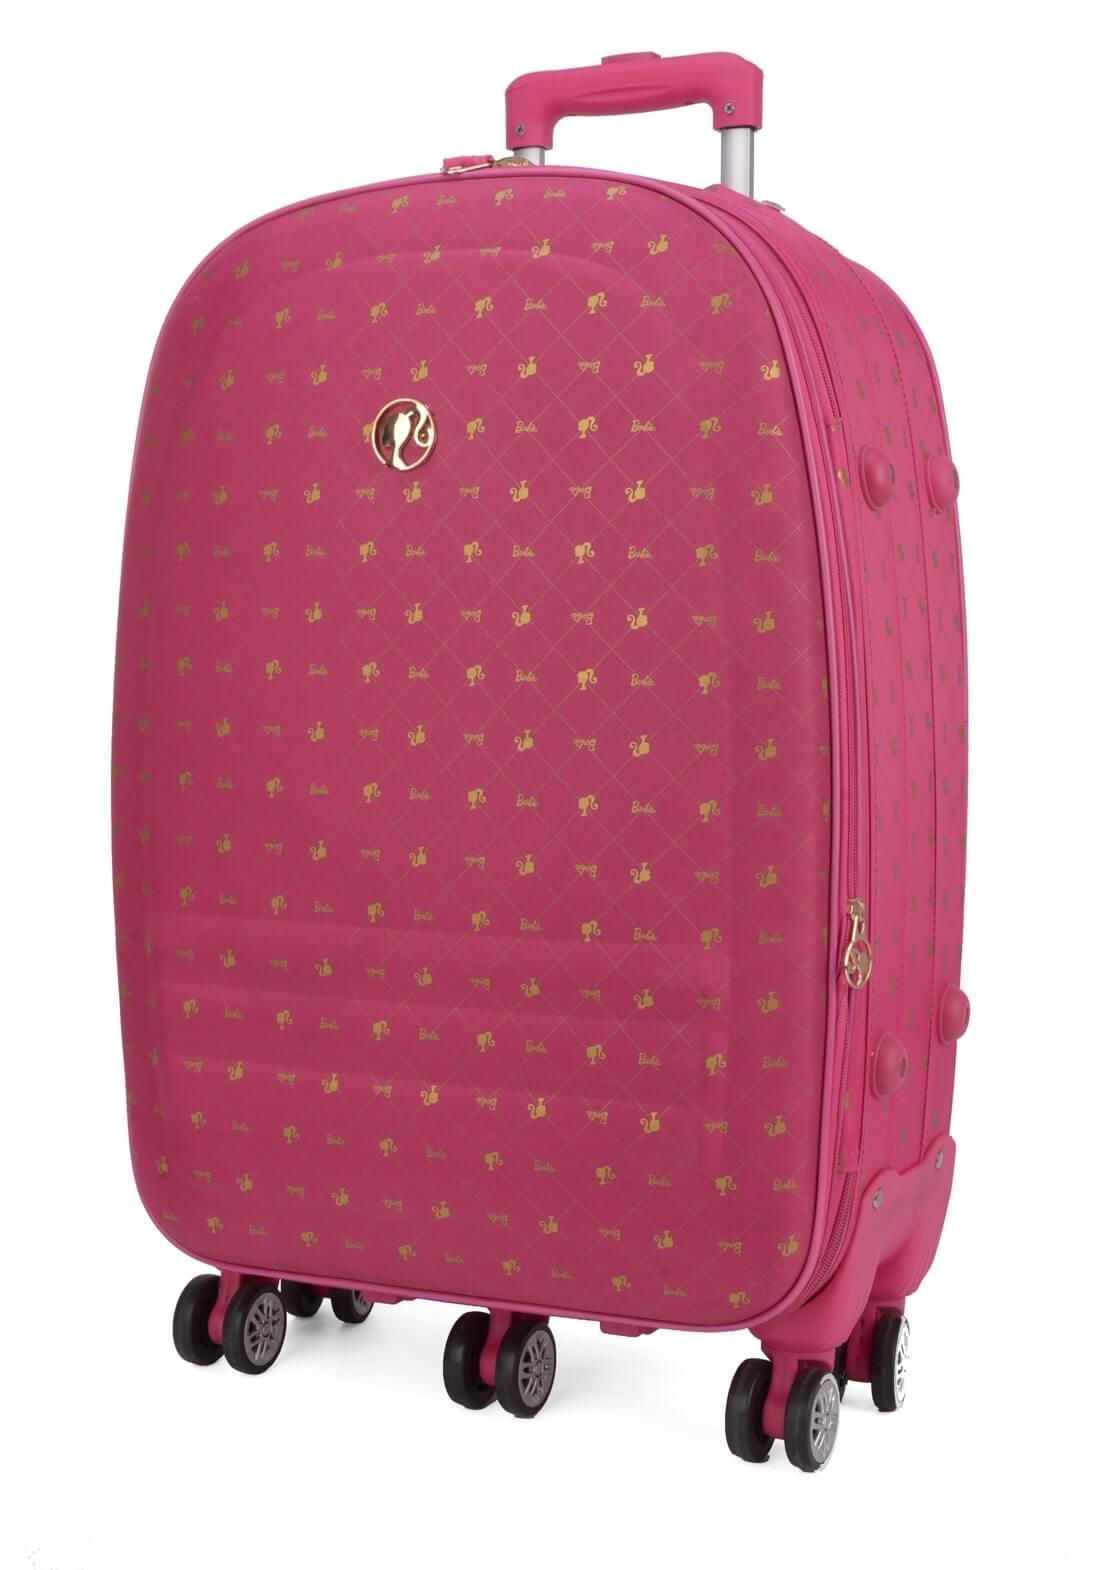 Mala Viagem Barbie Média 5 Rodas Duplas 360 Expansor Pink